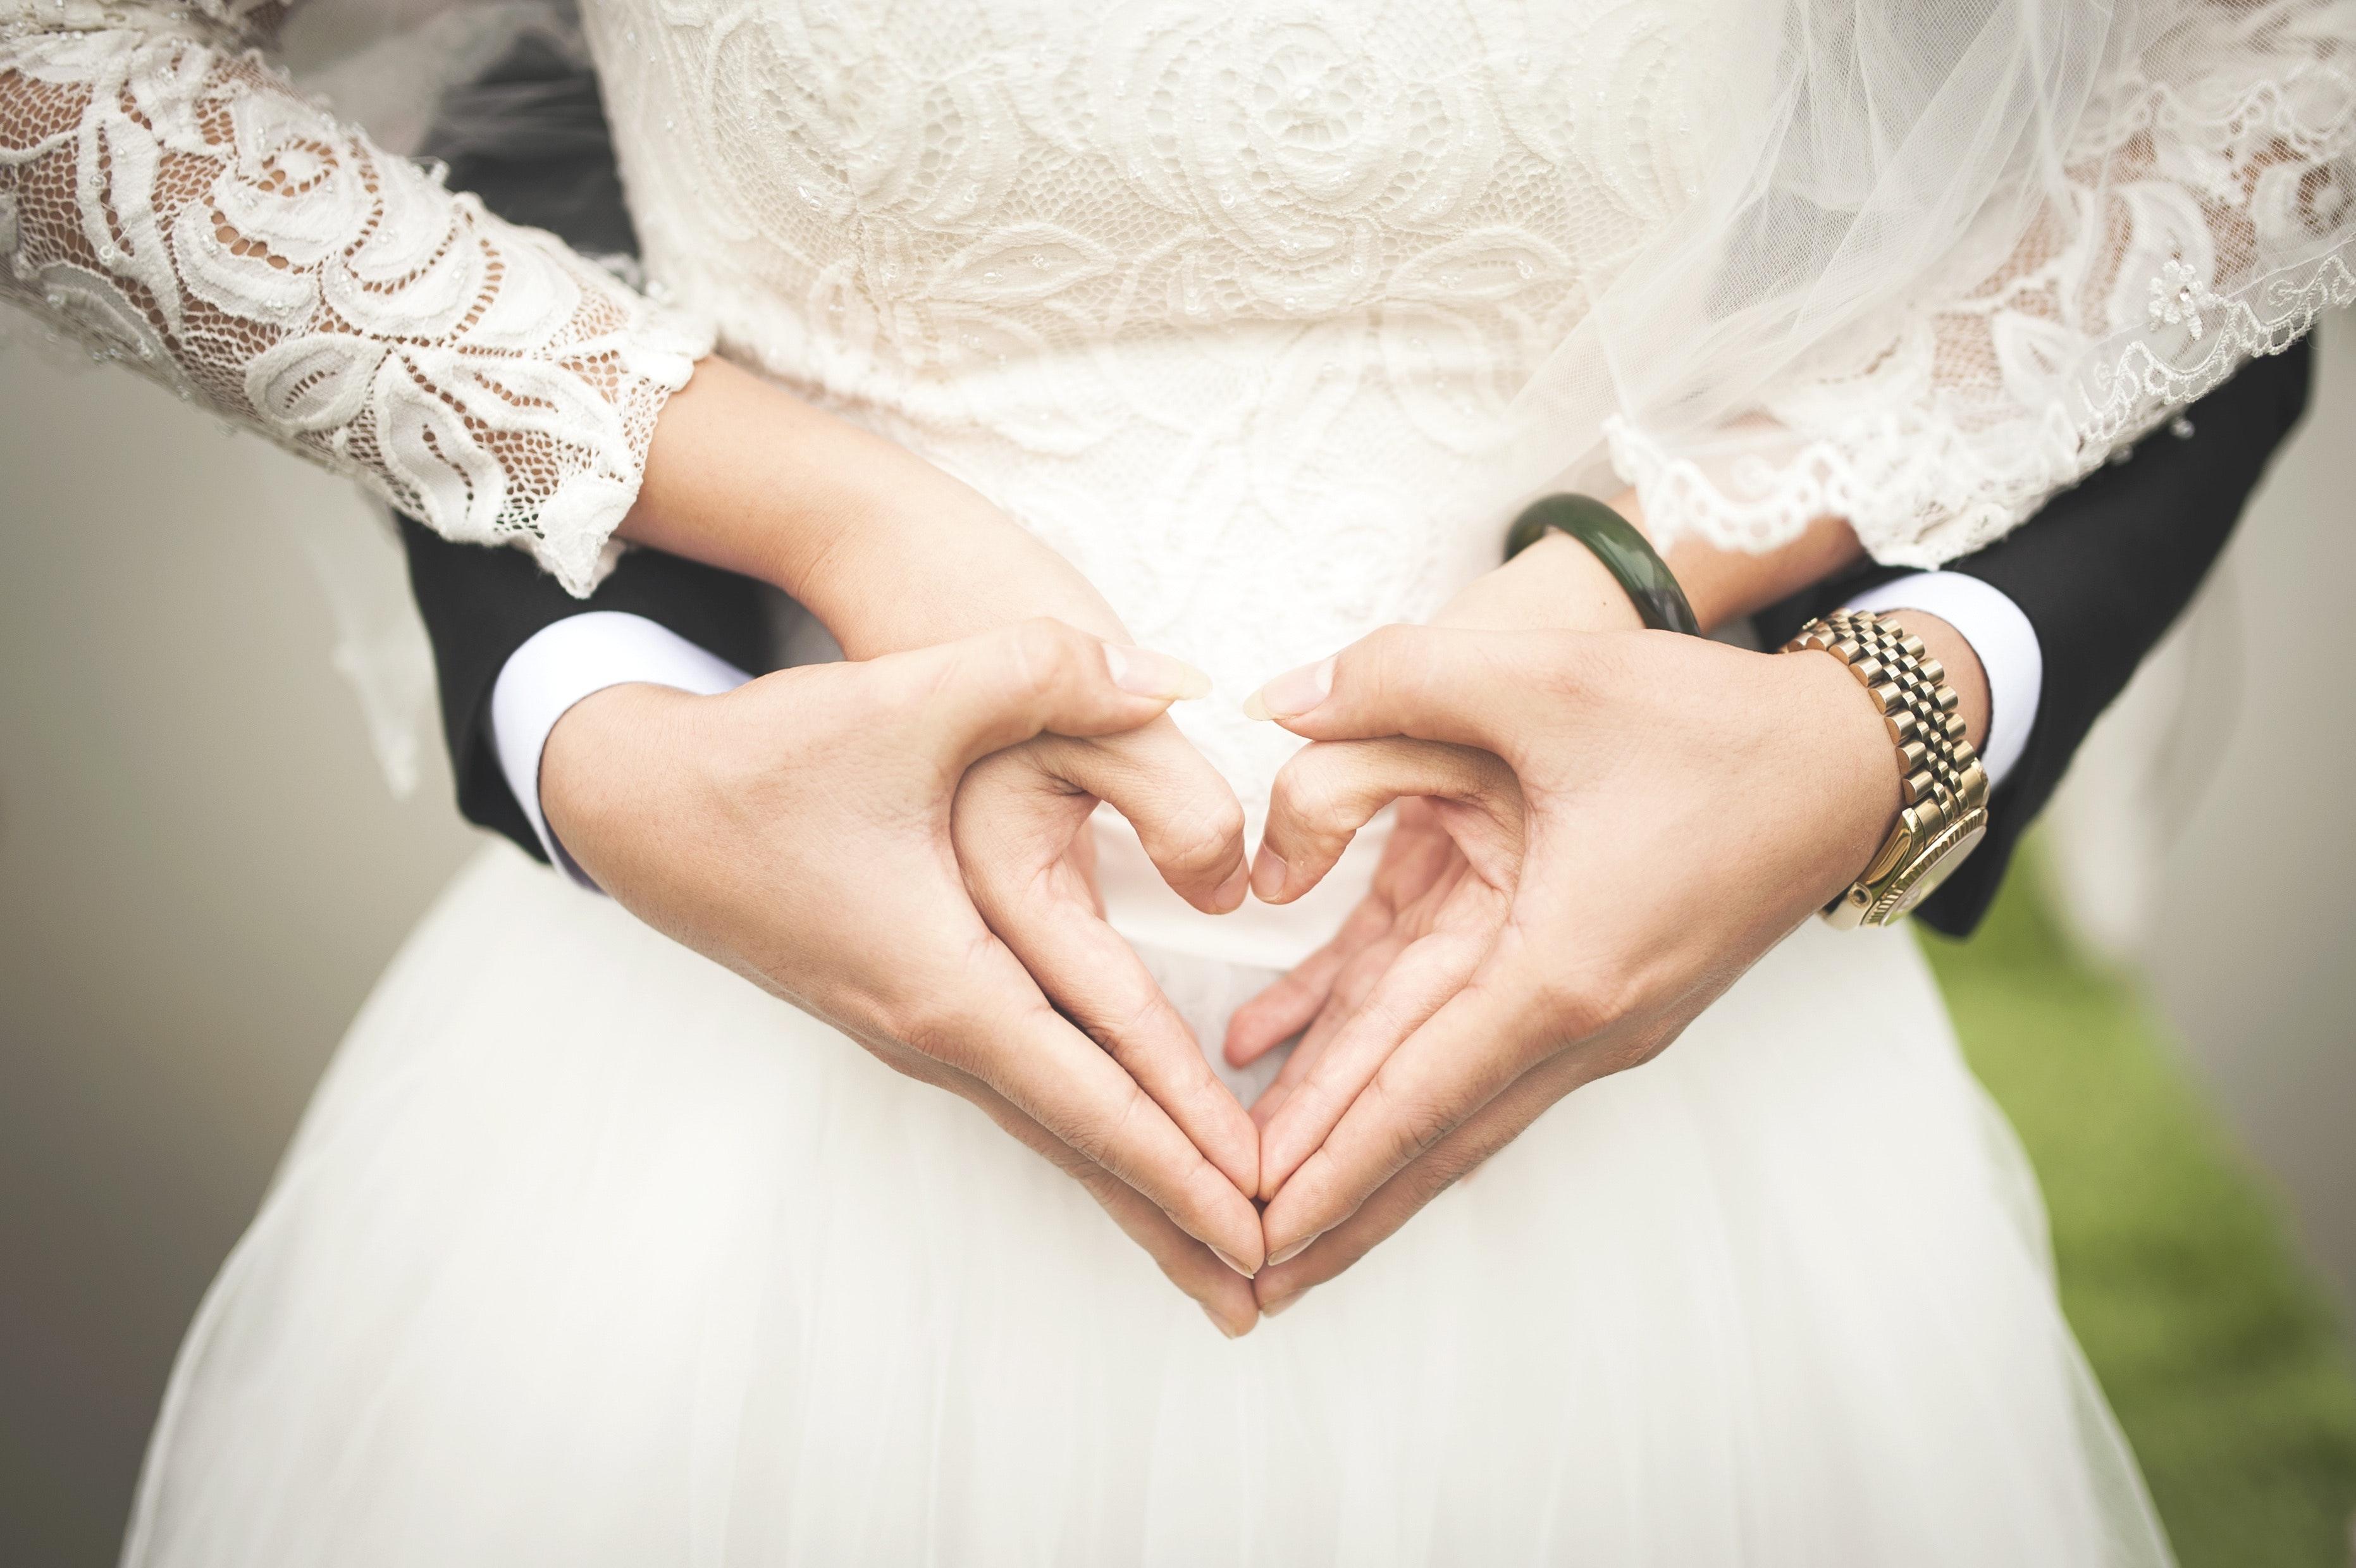 מה זה מיתוג חתונה ולמה כדאי להשקיע בכך?